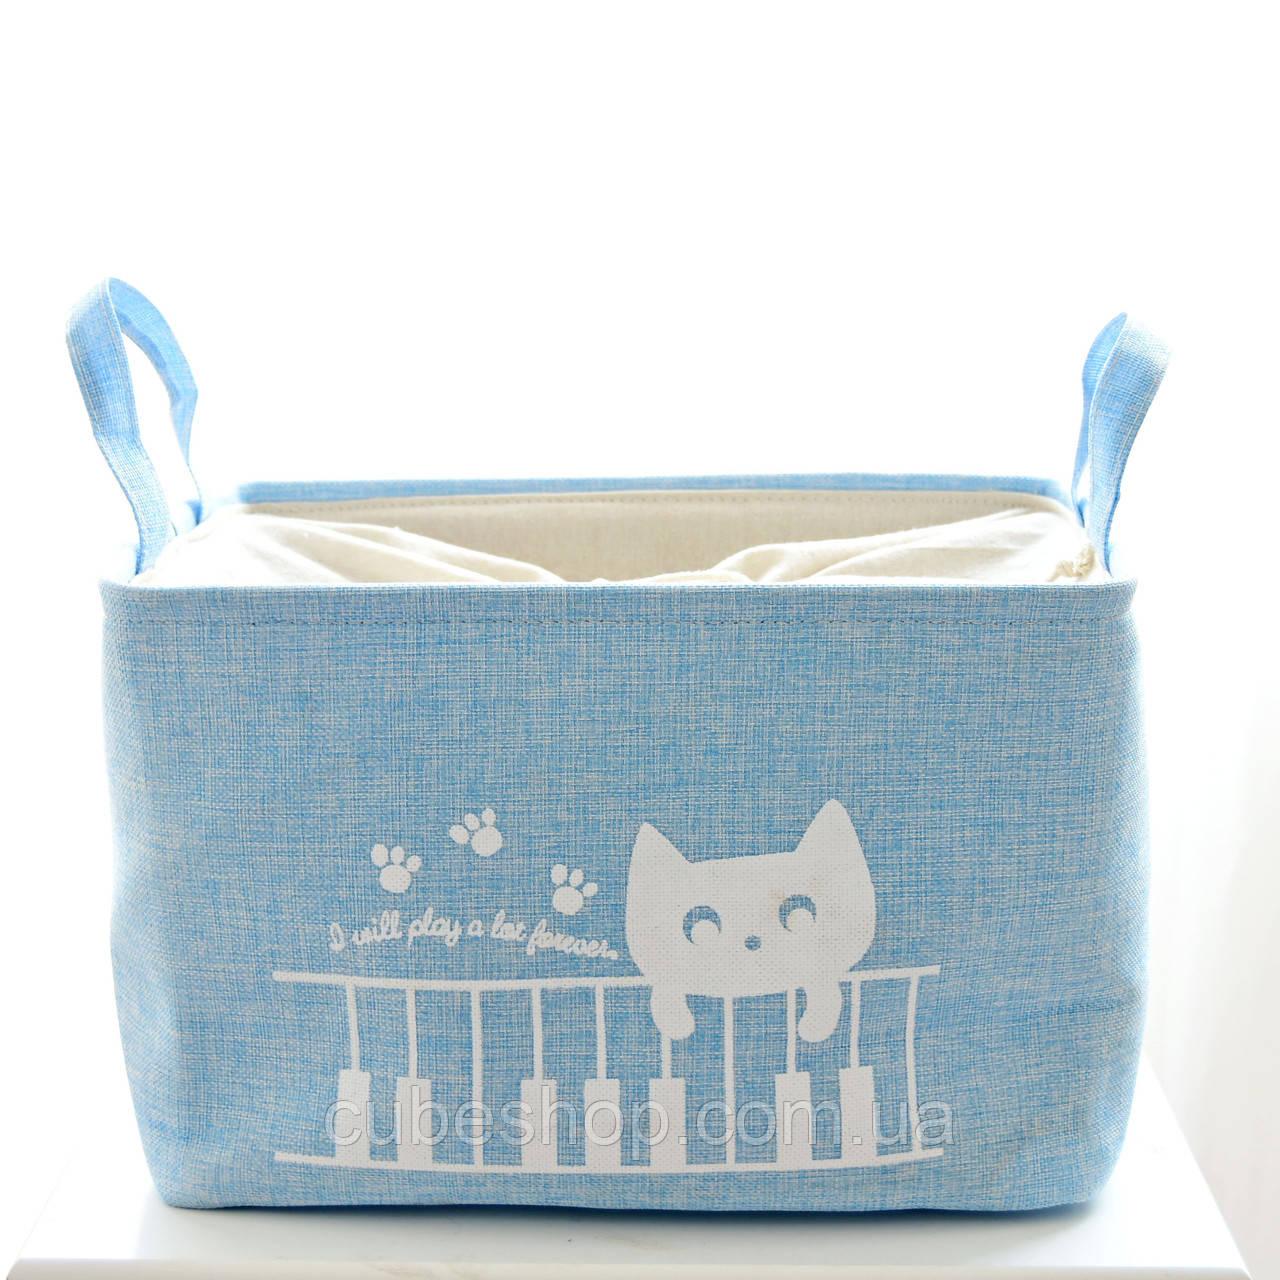 Корзина для белья и игрушек на завязках Cat blue